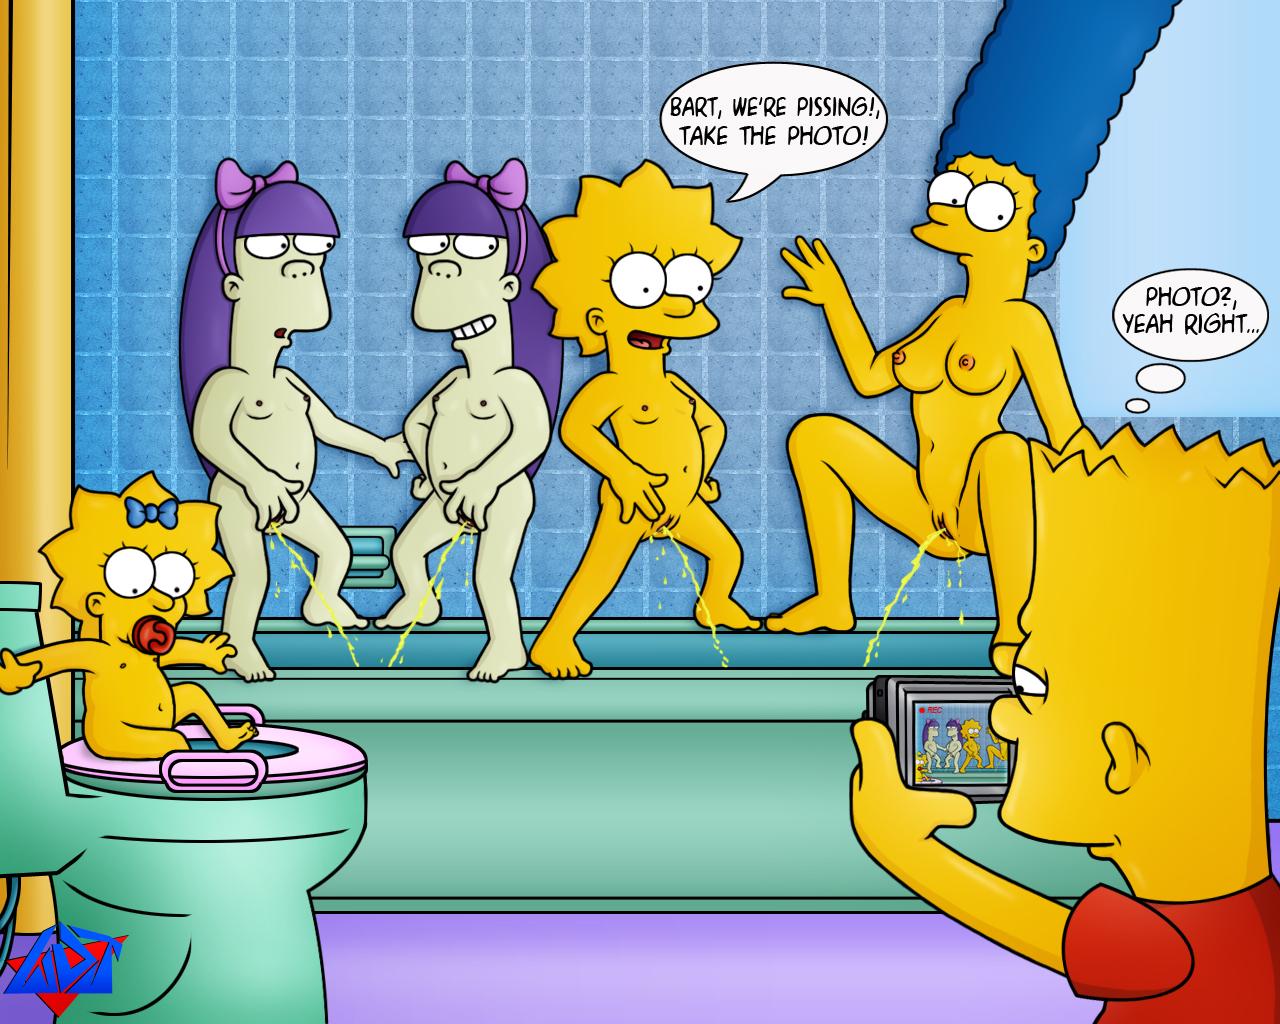 Richard Gutierrez Nude Image